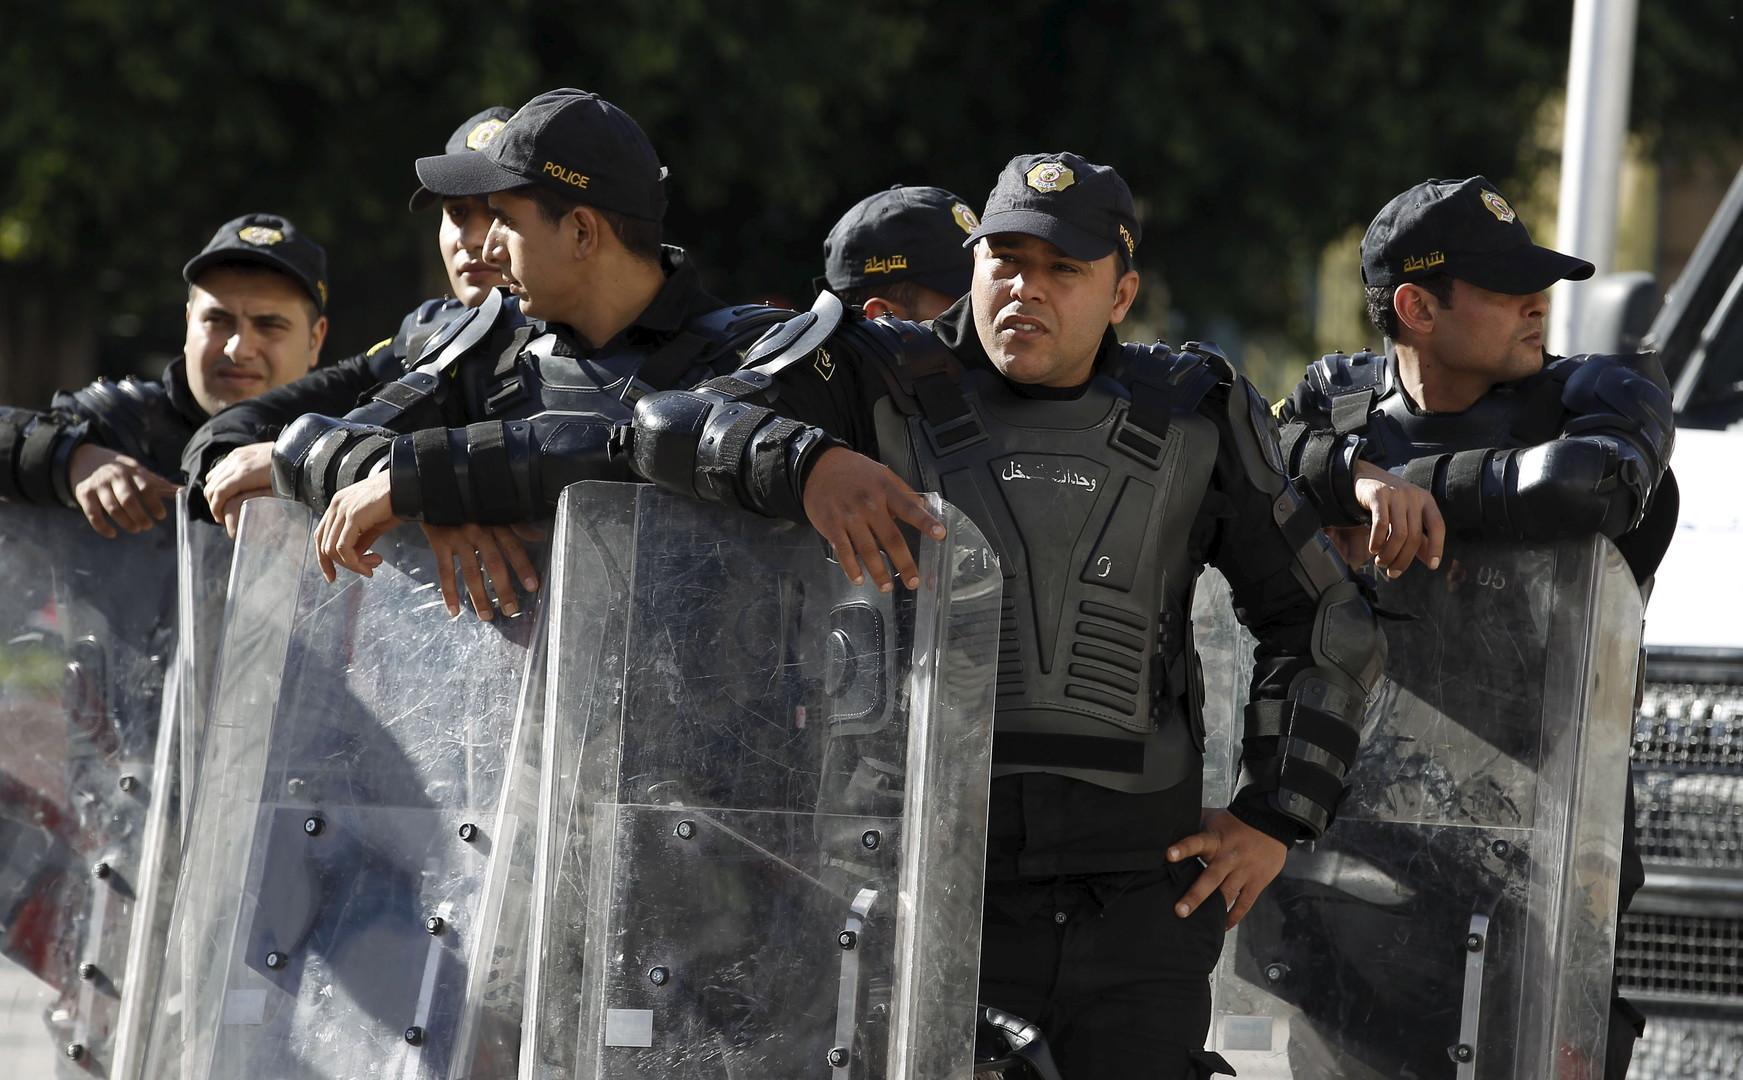 تونس تشتعل مجددا بعد 5 سنوات على